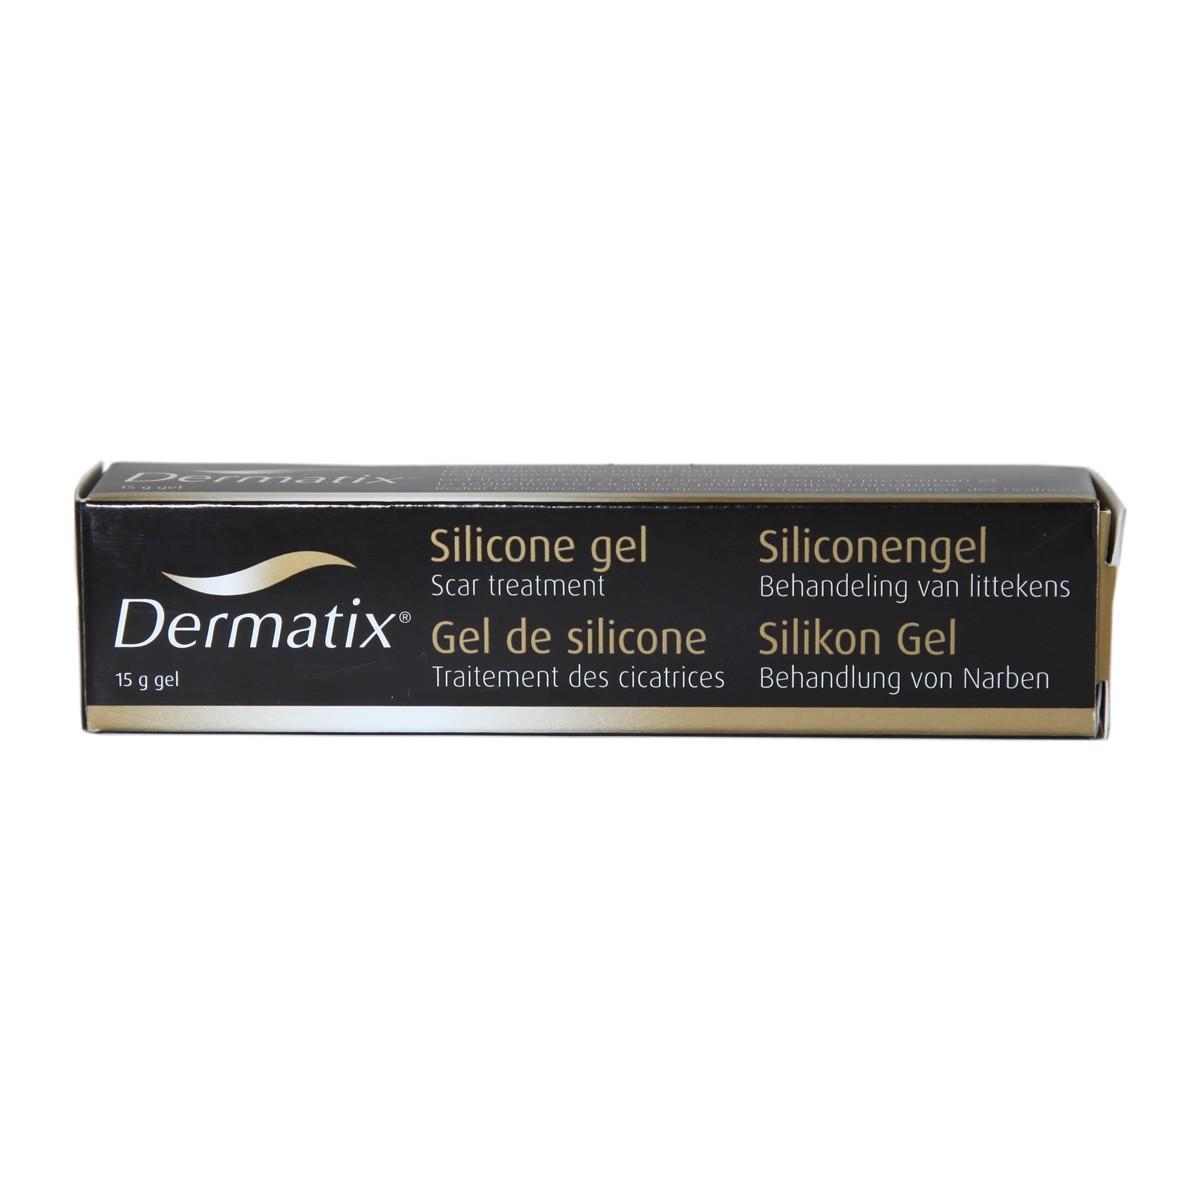 Dermatix Silicone Gel